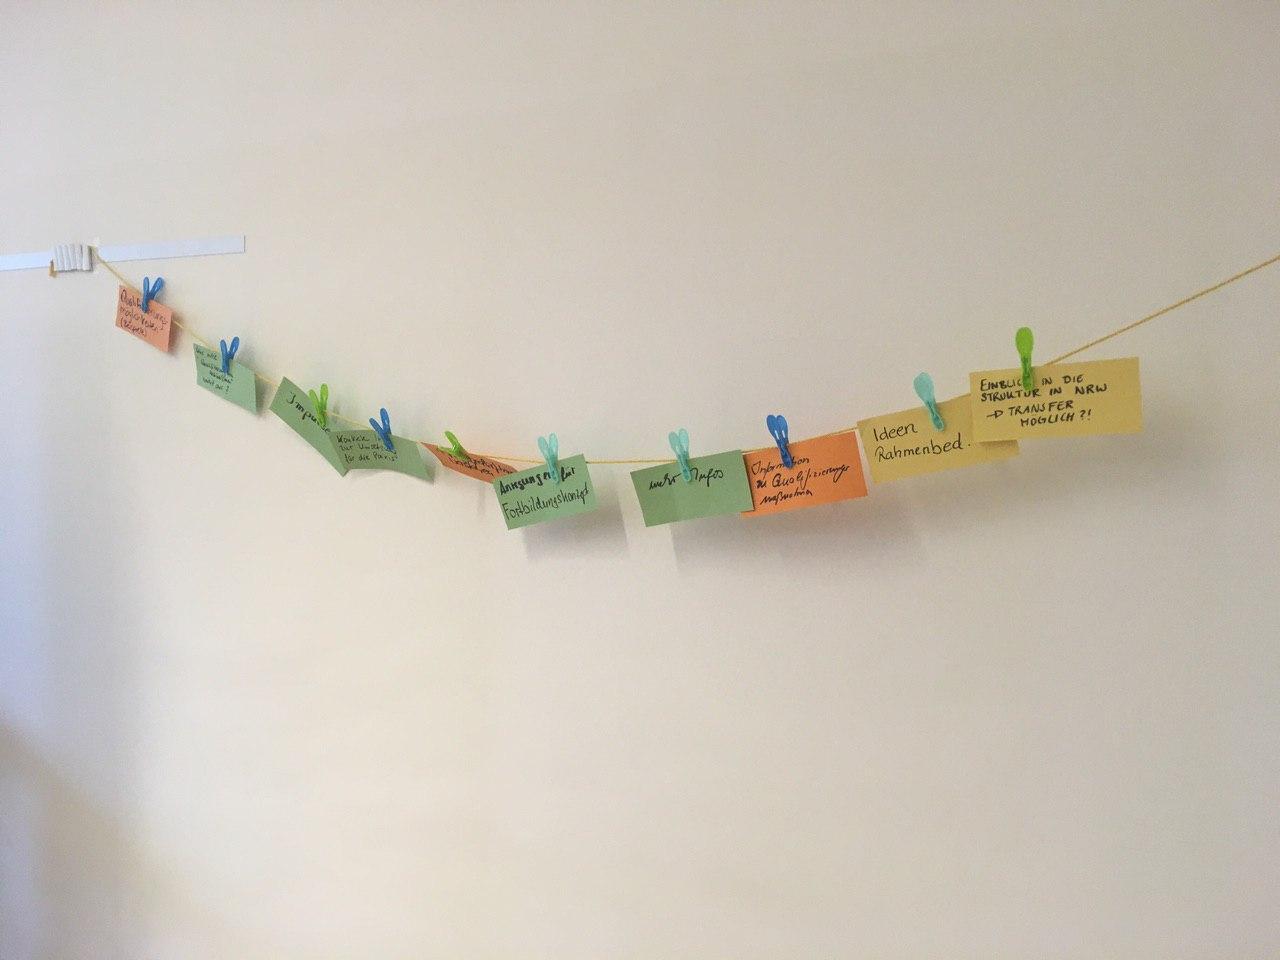 Wäscheleine mit Moderationskarten, auf denen die teilnehmenden ihre Erwartungen an den Workshop notiert haben